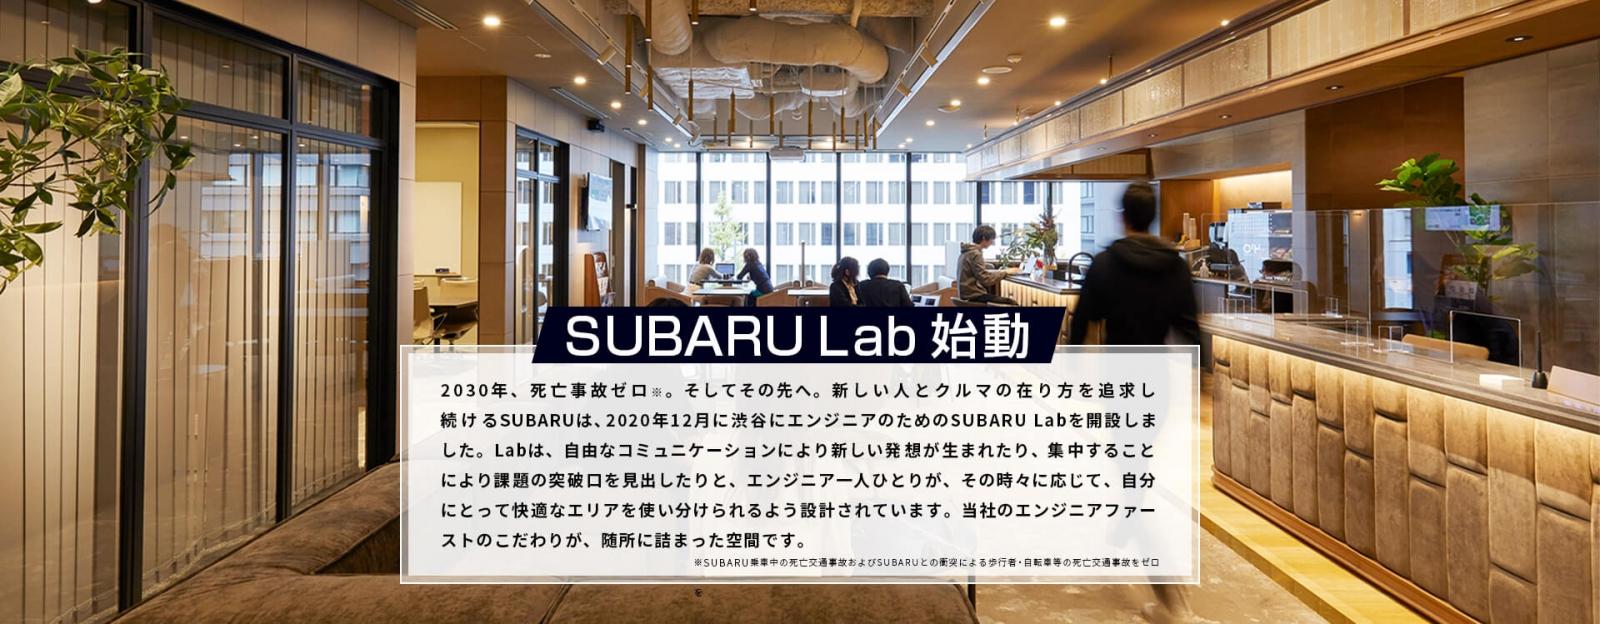 SUBARU Lab始動 2030年、死亡交通事故ゼロ※。そしてその先へ。新しい人とクルマの在り方を追求し続けるSUBARUは、2020年12月に渋谷にエンジニアのためのSUBARU Labを開設しました。Labは、自由なコミュニケーションにより新しい発想が生まれたり、集中することにより課題の突破口を見出したりと、エンジニア一人ひとりが、その時々に応じて、自分にとって快適なエリアを使い分けられるよう設計されています。当社のエンジニアファーストのこだわりが、随所に詰まった空間です。 ※SUBARU乗車中の死亡交通事故およびSUBARUとの衝突による歩行者・自転車等の死亡交通事故をゼロ